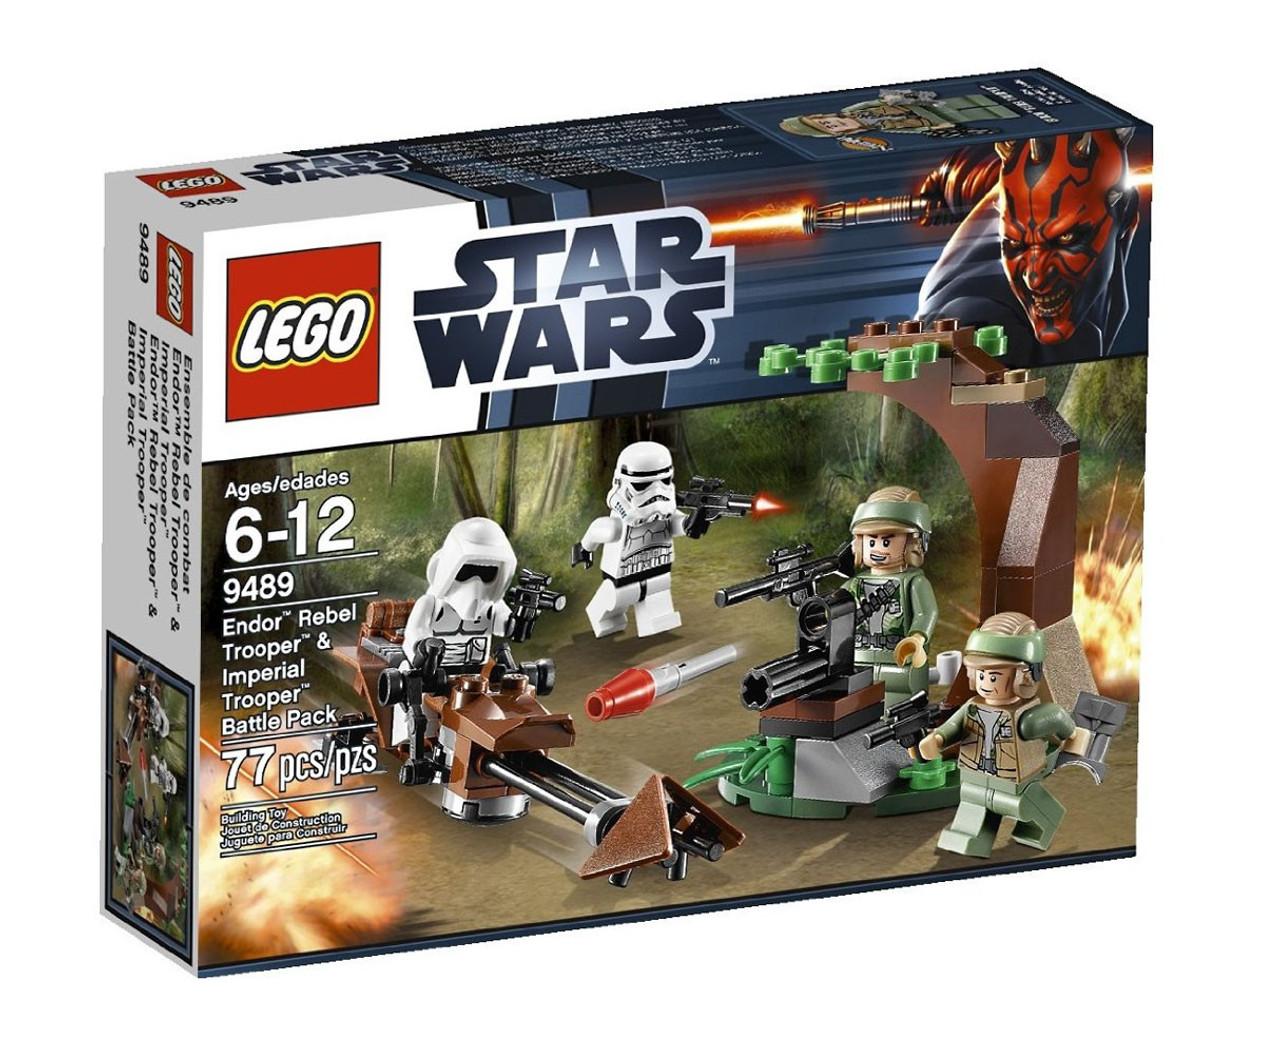 Lego Star Wars Return Of The Jedi Endor Rebel Trooper